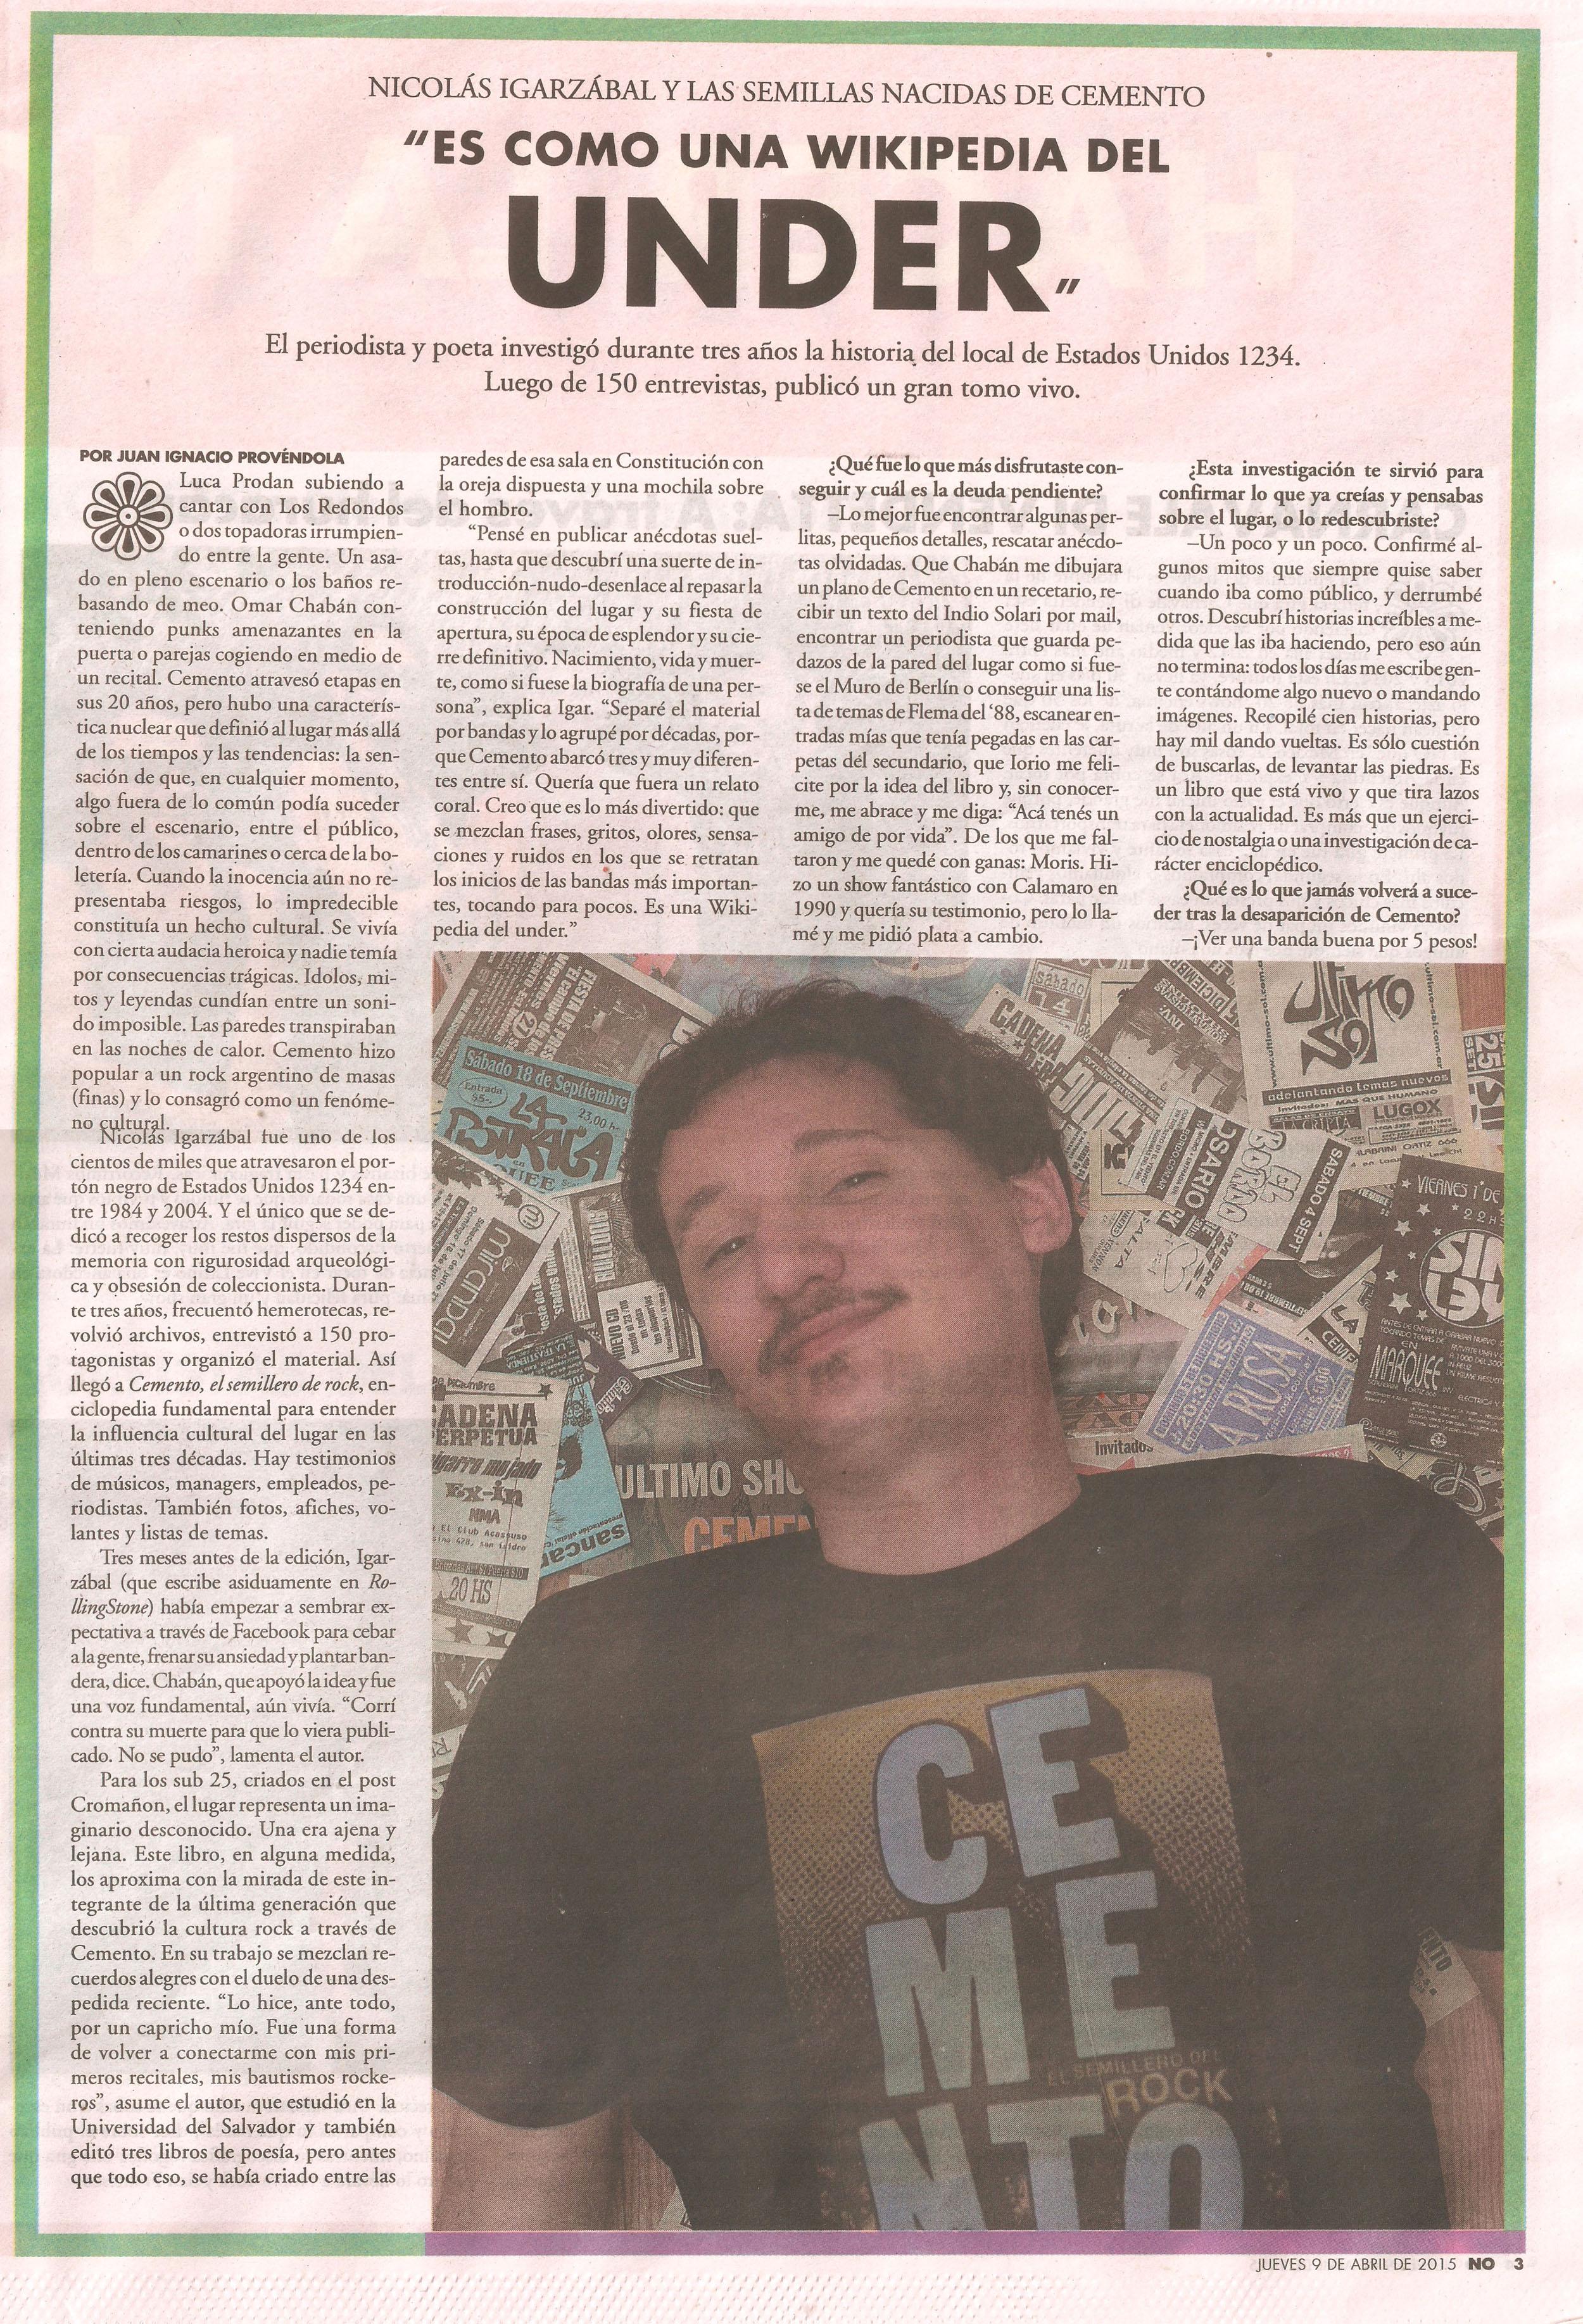 Cemento entrevista a Nicolás Igarzábal en el suple NO jueves 9 de abril